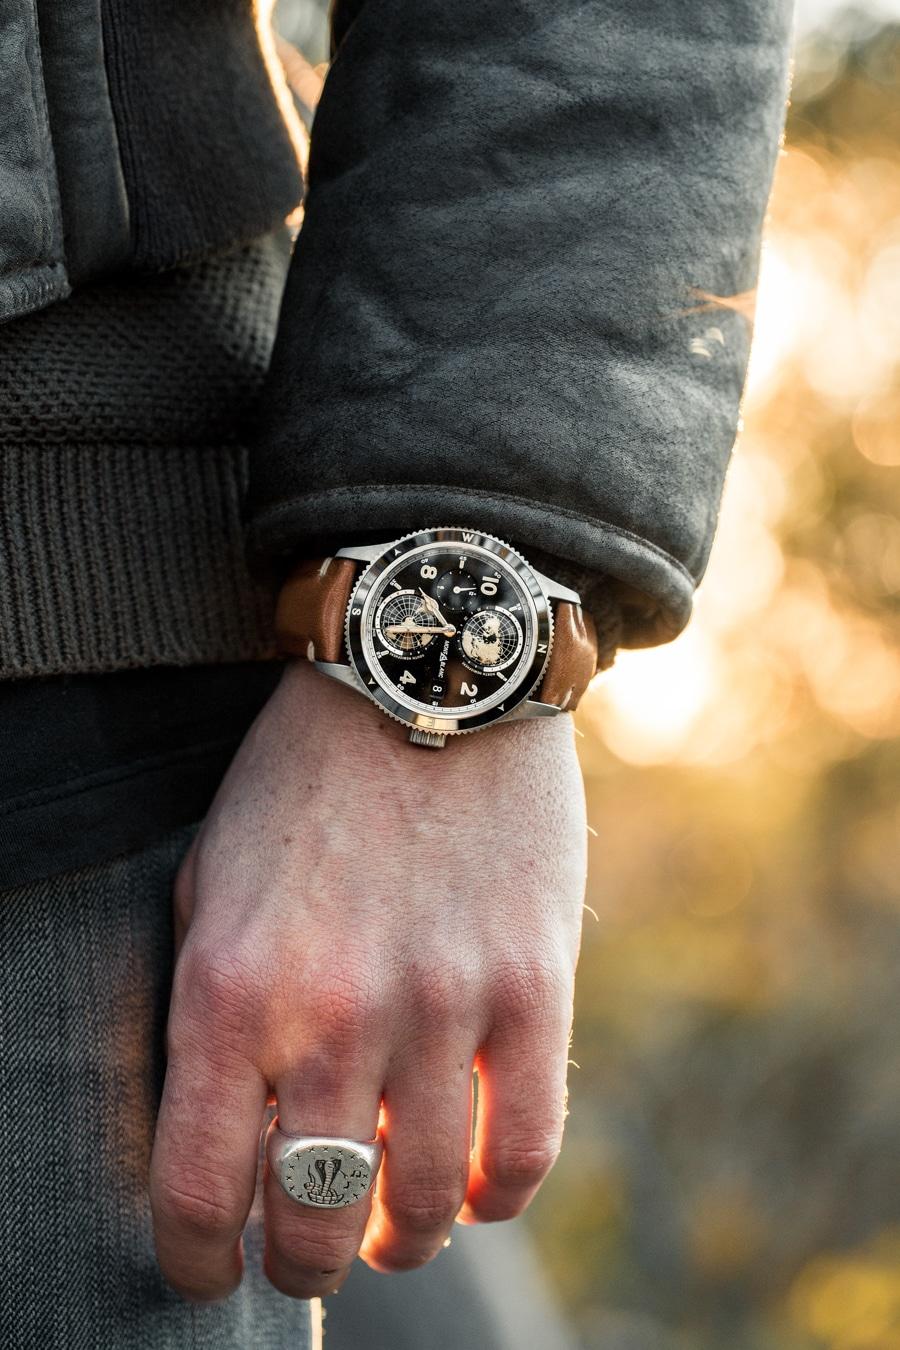 montblanc 1858 watch round shape crown